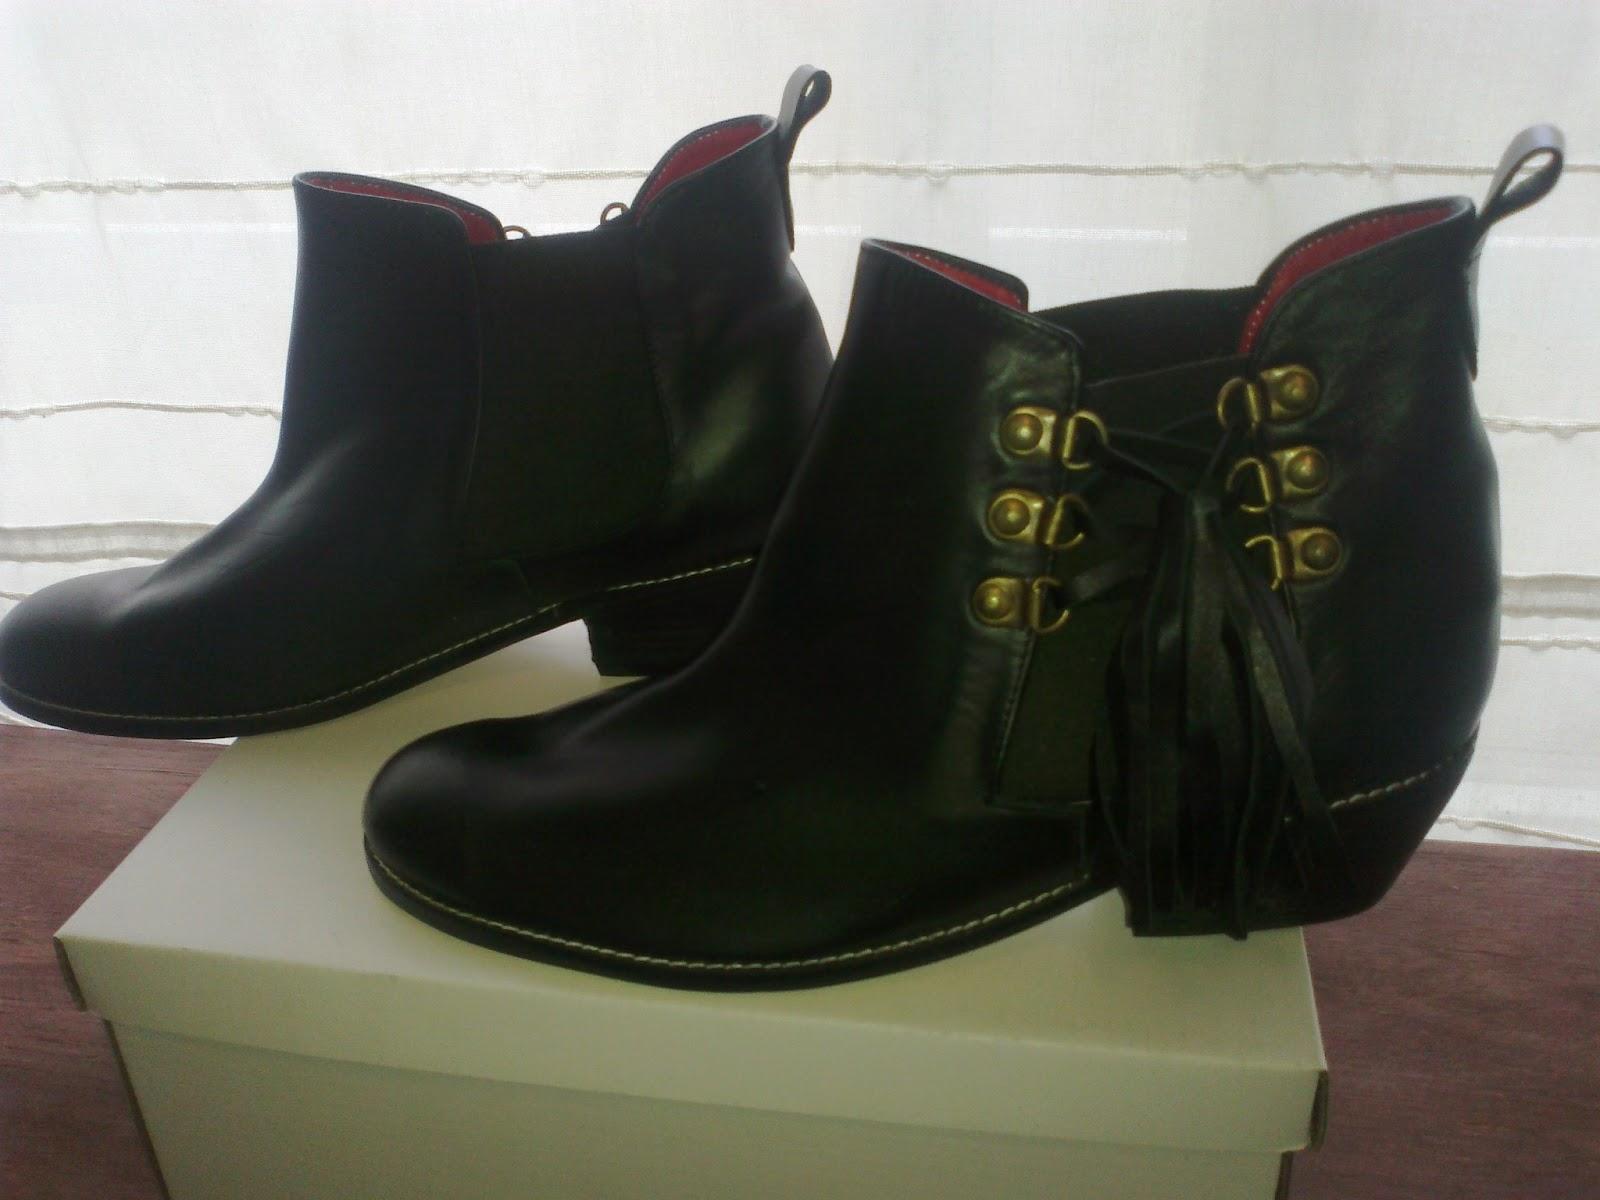 imagenes de zapatos para dama - fotos zapatos | Ropa y Zapatos de Mujer últimas tendencias DC Shoes